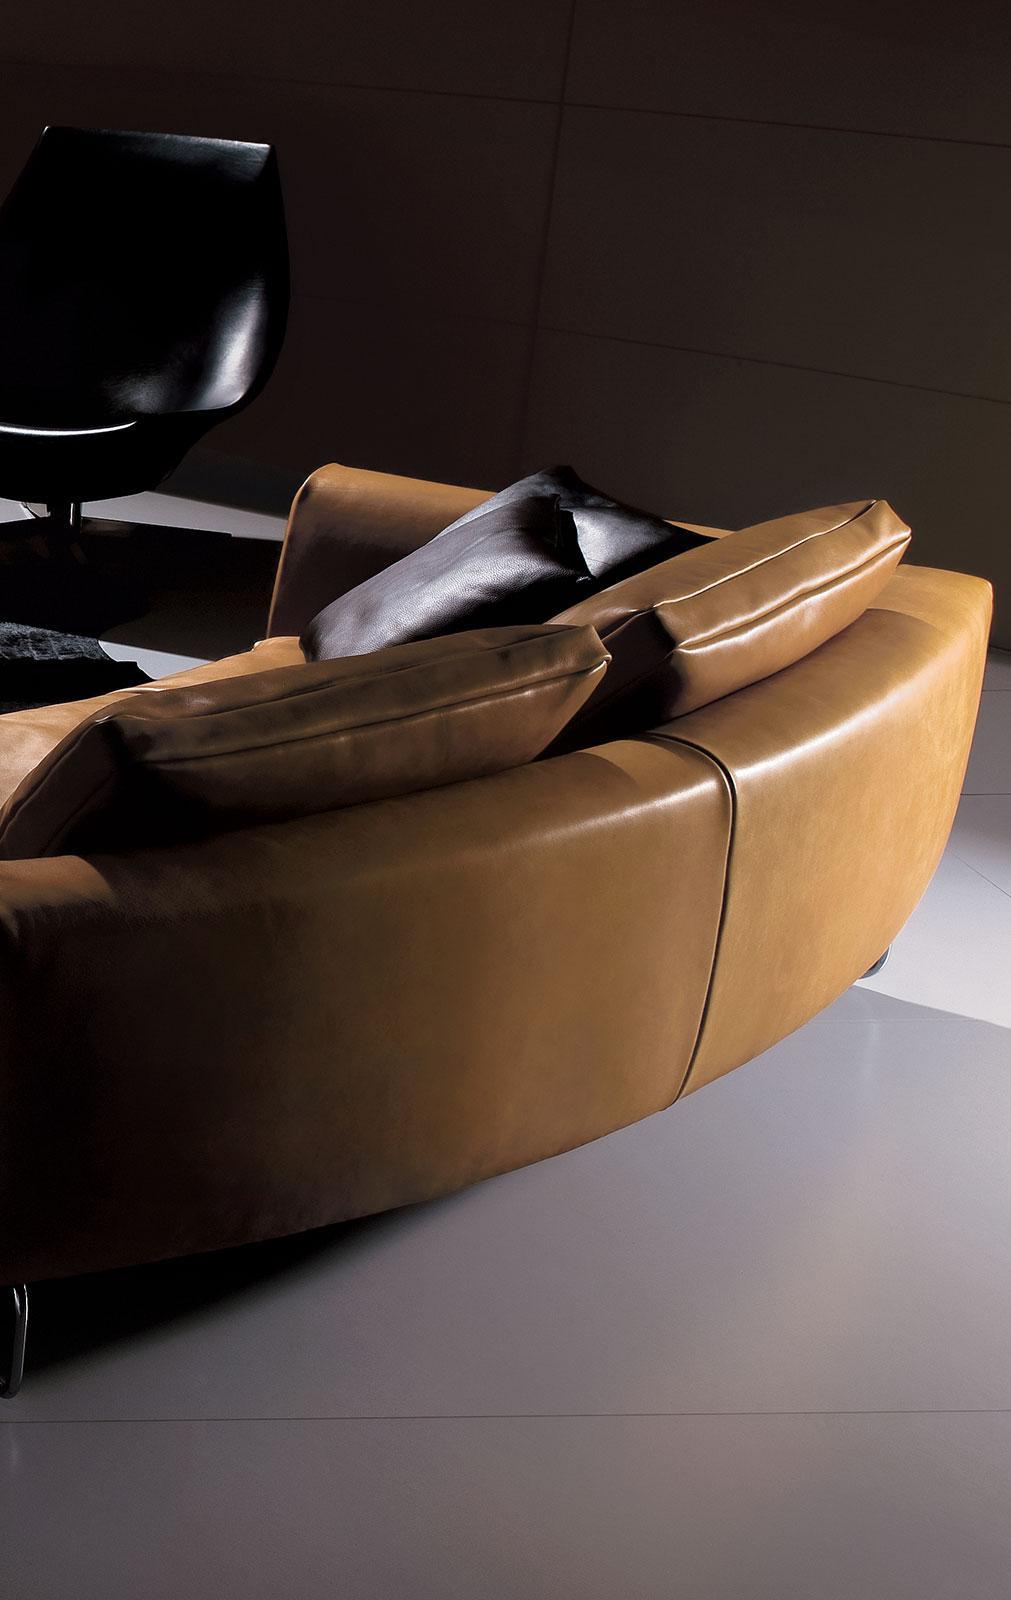 Dal design di Mauro Lipparini, un divano rotondo dalle generose dimensioni. Interamente rivestito in pelle pieno fiore personalizzabile. Consegna gratuita.